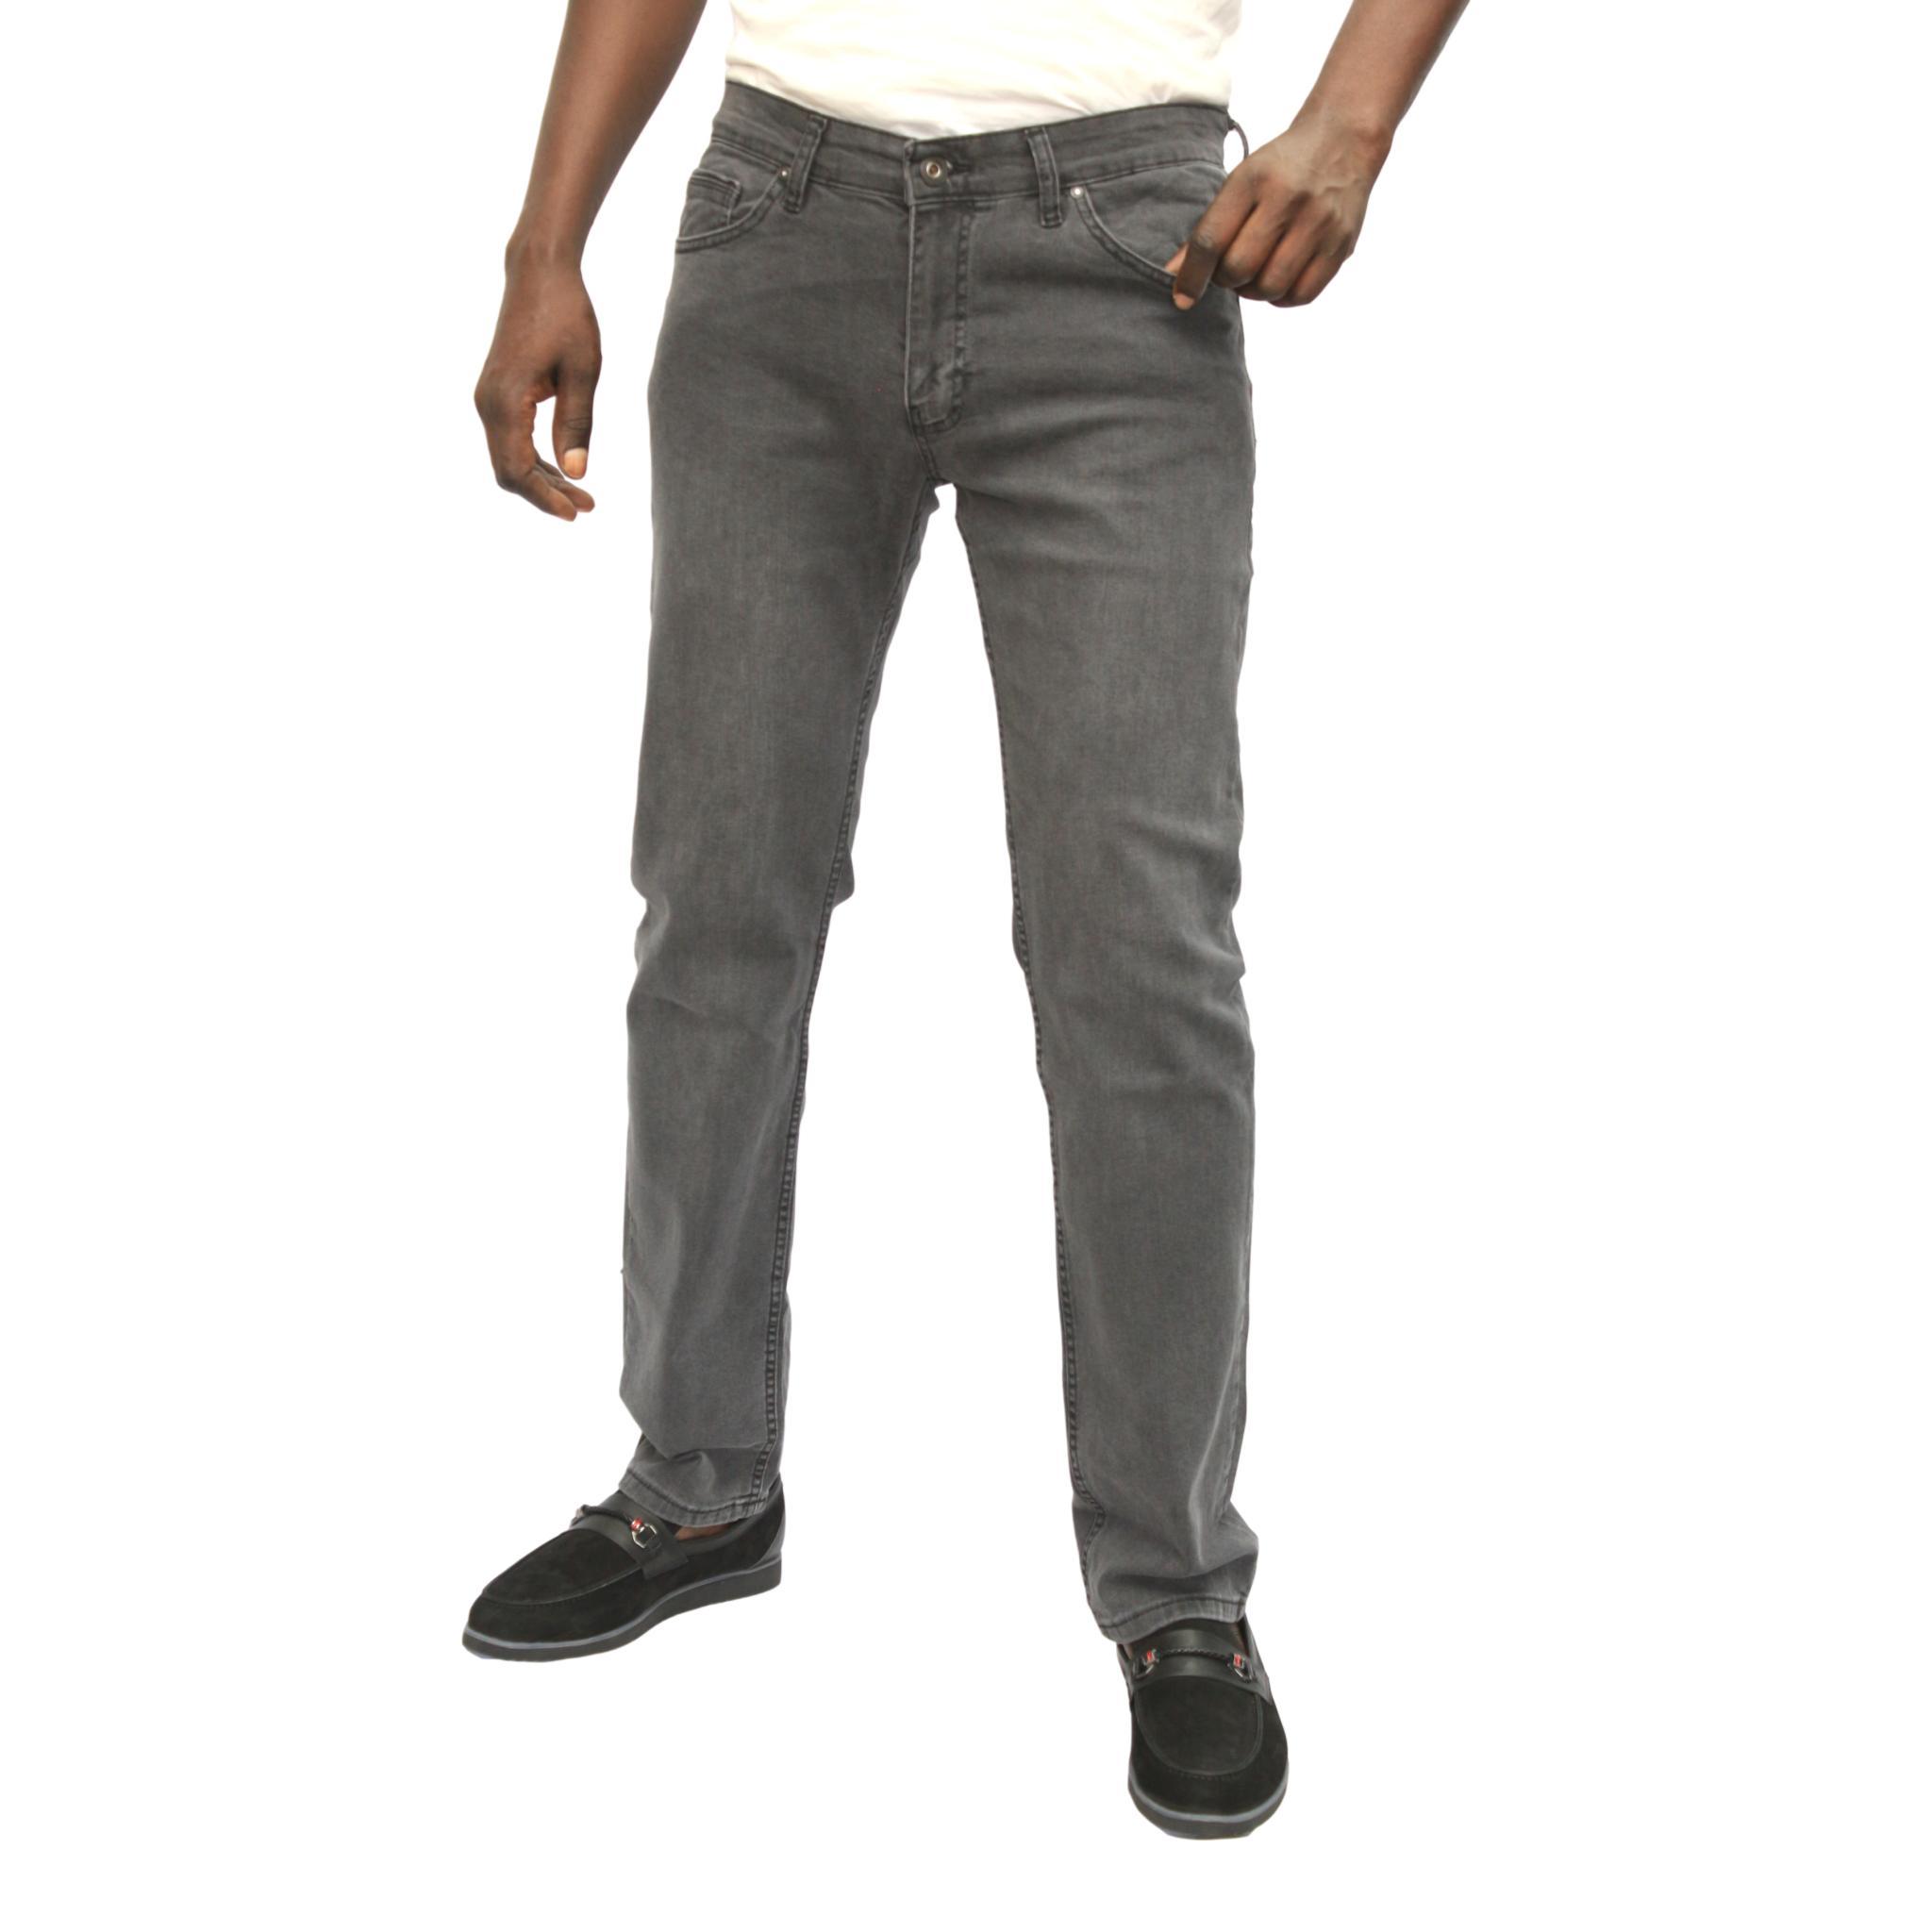 Pantalon jeans 028